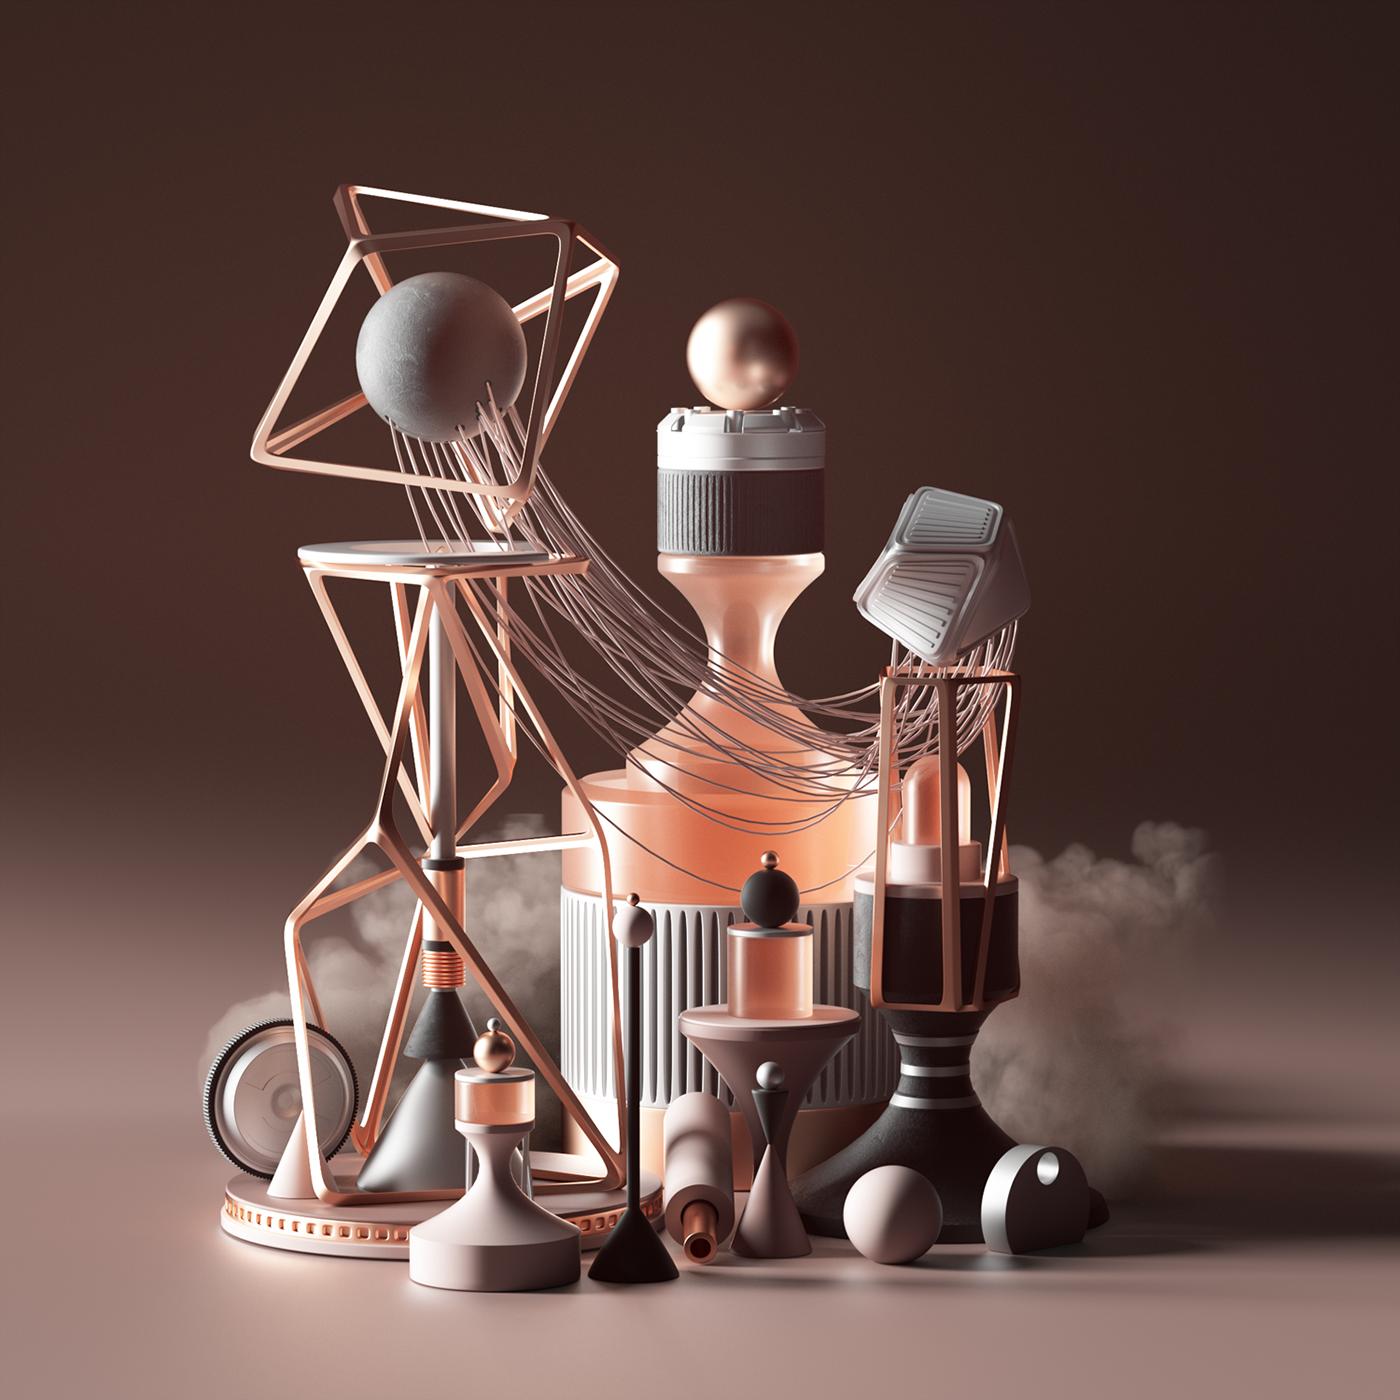 Art Direction and Set Design - Digital Art